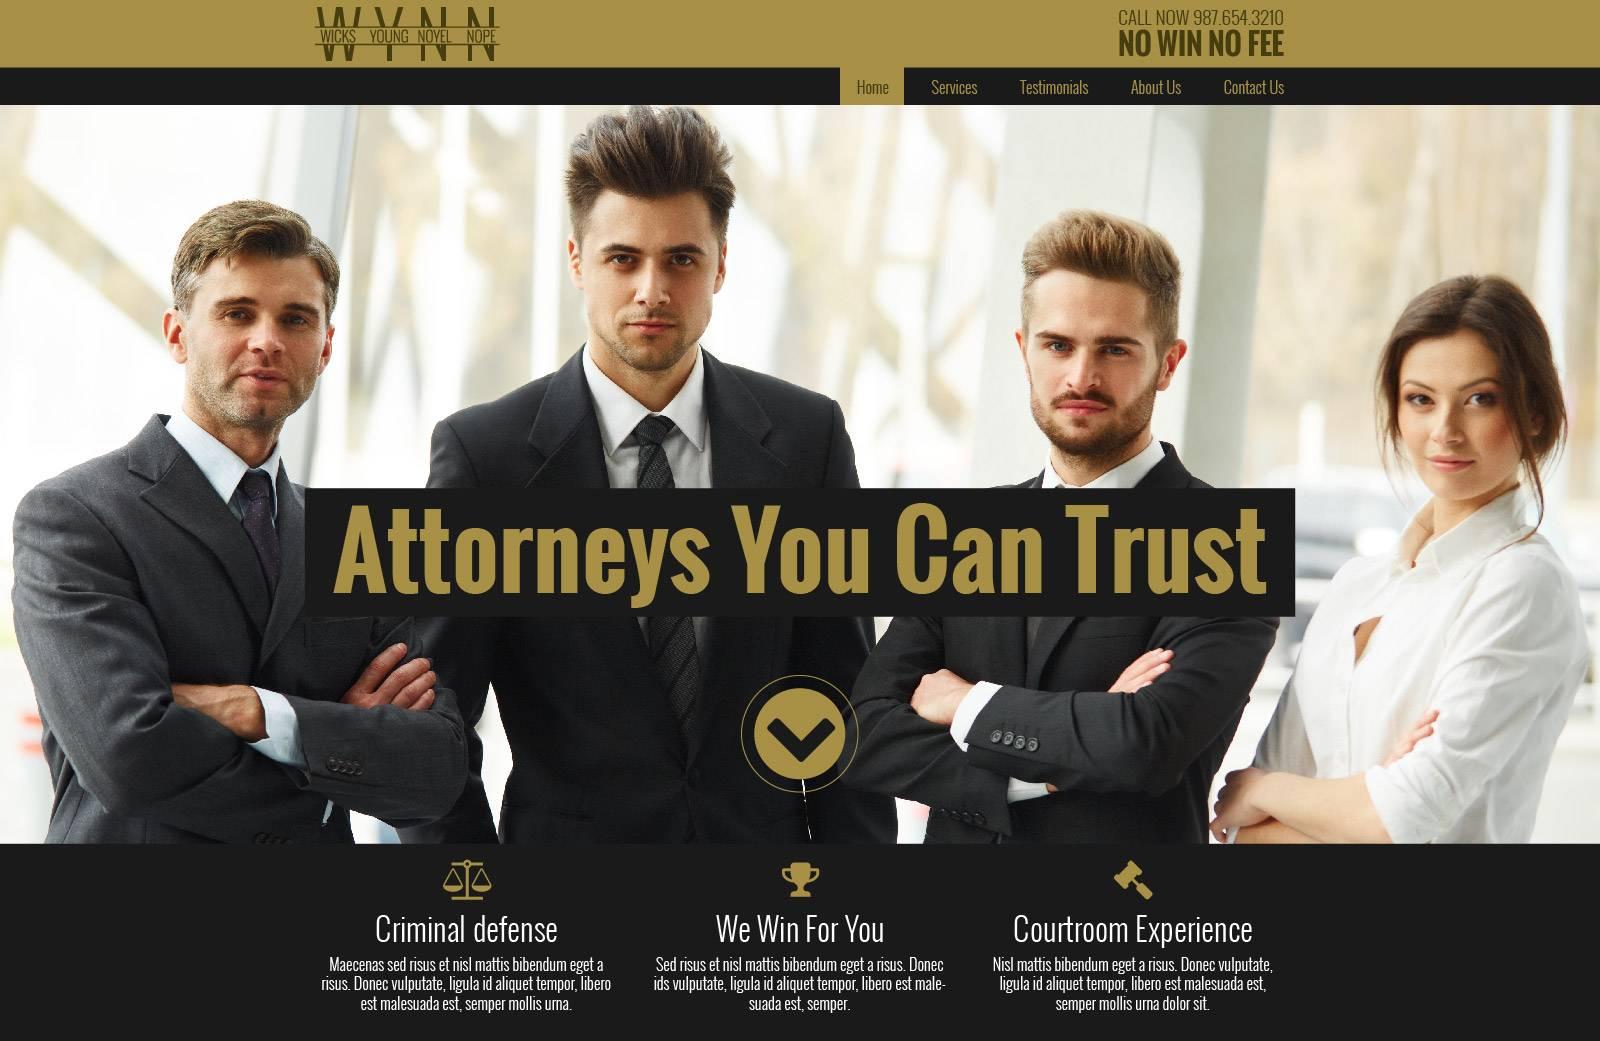 WYNN Law Firm